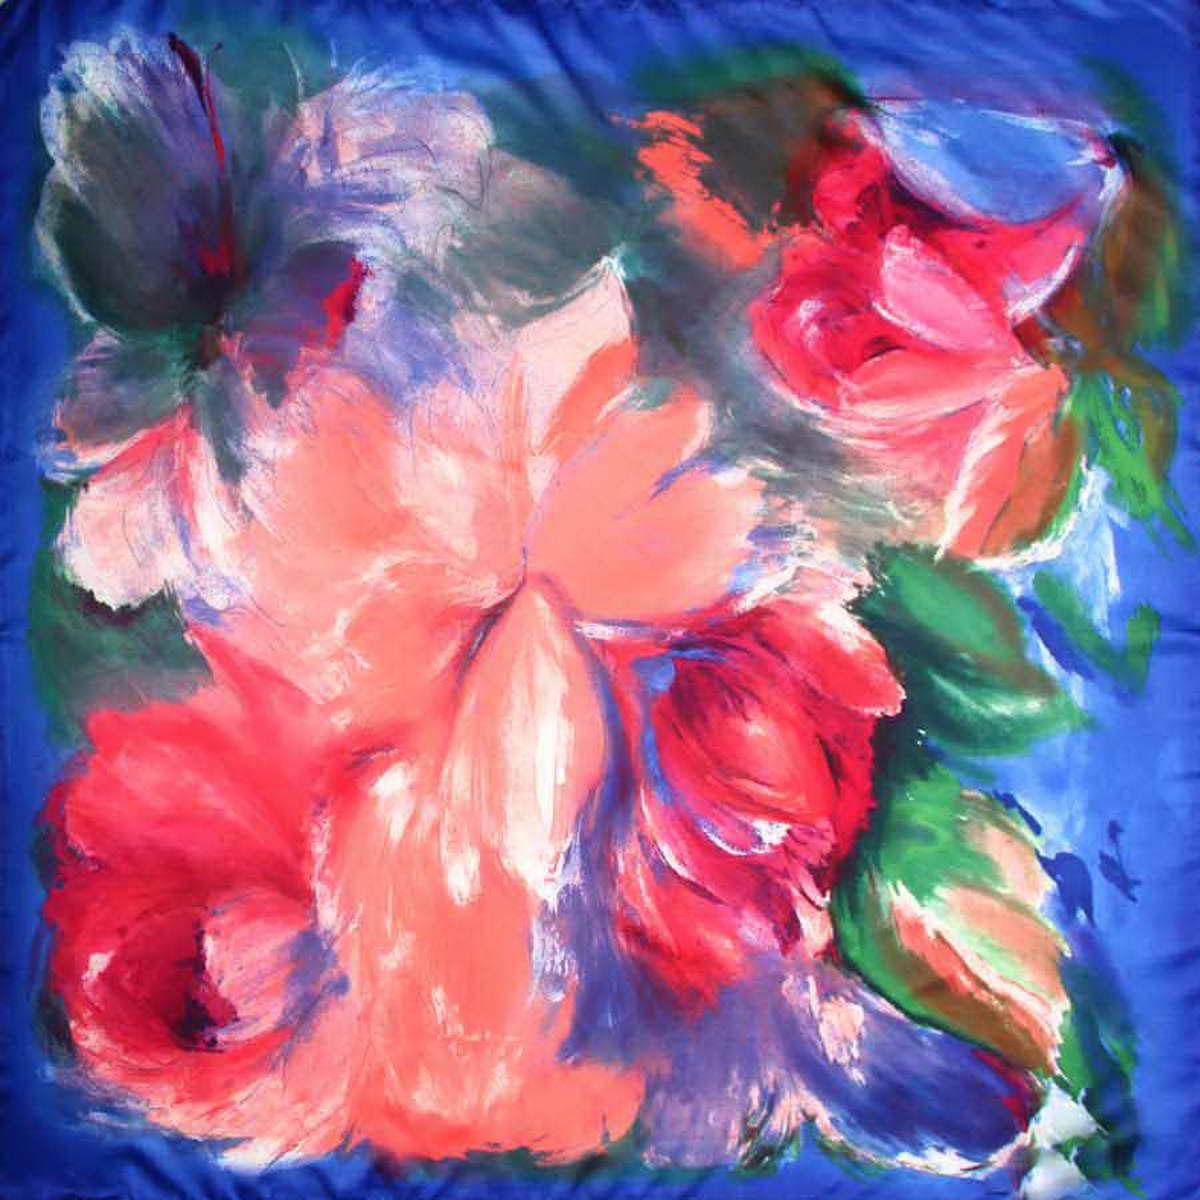 3906333-2Изысканный и невероятно красивый женский платок Venera изготовлен из полиэстера, станет любимым и незаменимым украшением. Это легкий и нежный платок имеет превосходный рисунок больших цветов, которые будто насыщенны душой и настроением художника. Классическая квадратная форма позволяет носить платок на шее, украшать им прическу или декорировать сумочку. С таким платком вы всегда будете неотразимой, нежной и романтичной натурой. Платок Venera превосходно дополнит любой наряд и подчеркнет ваш неповторимый вкус и элегантность.